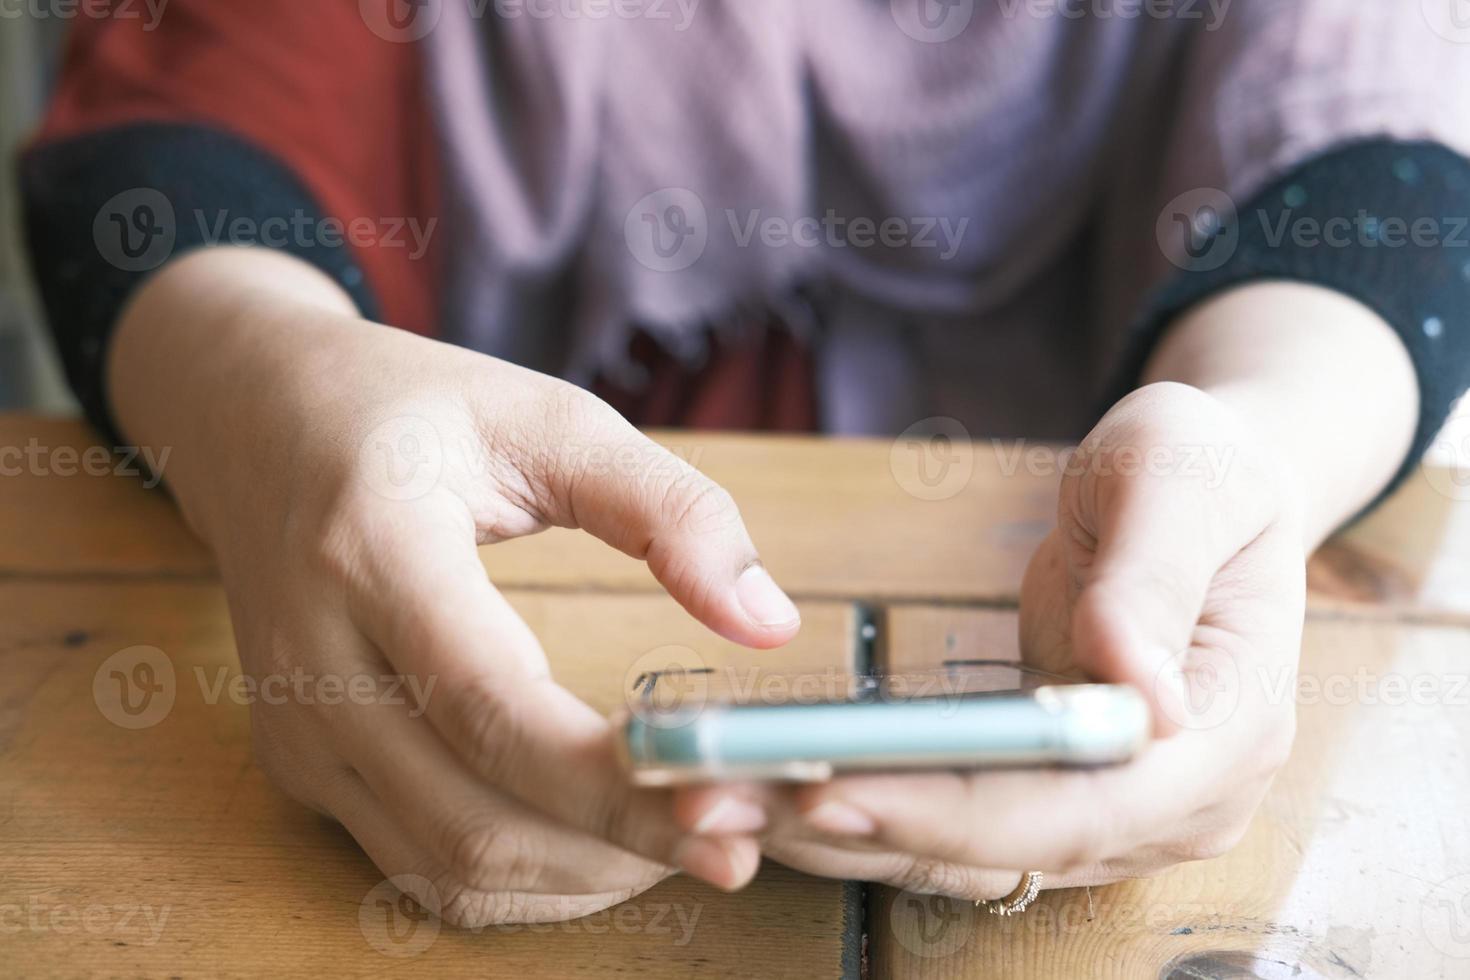 vrouw hand met slimme telefoon foto